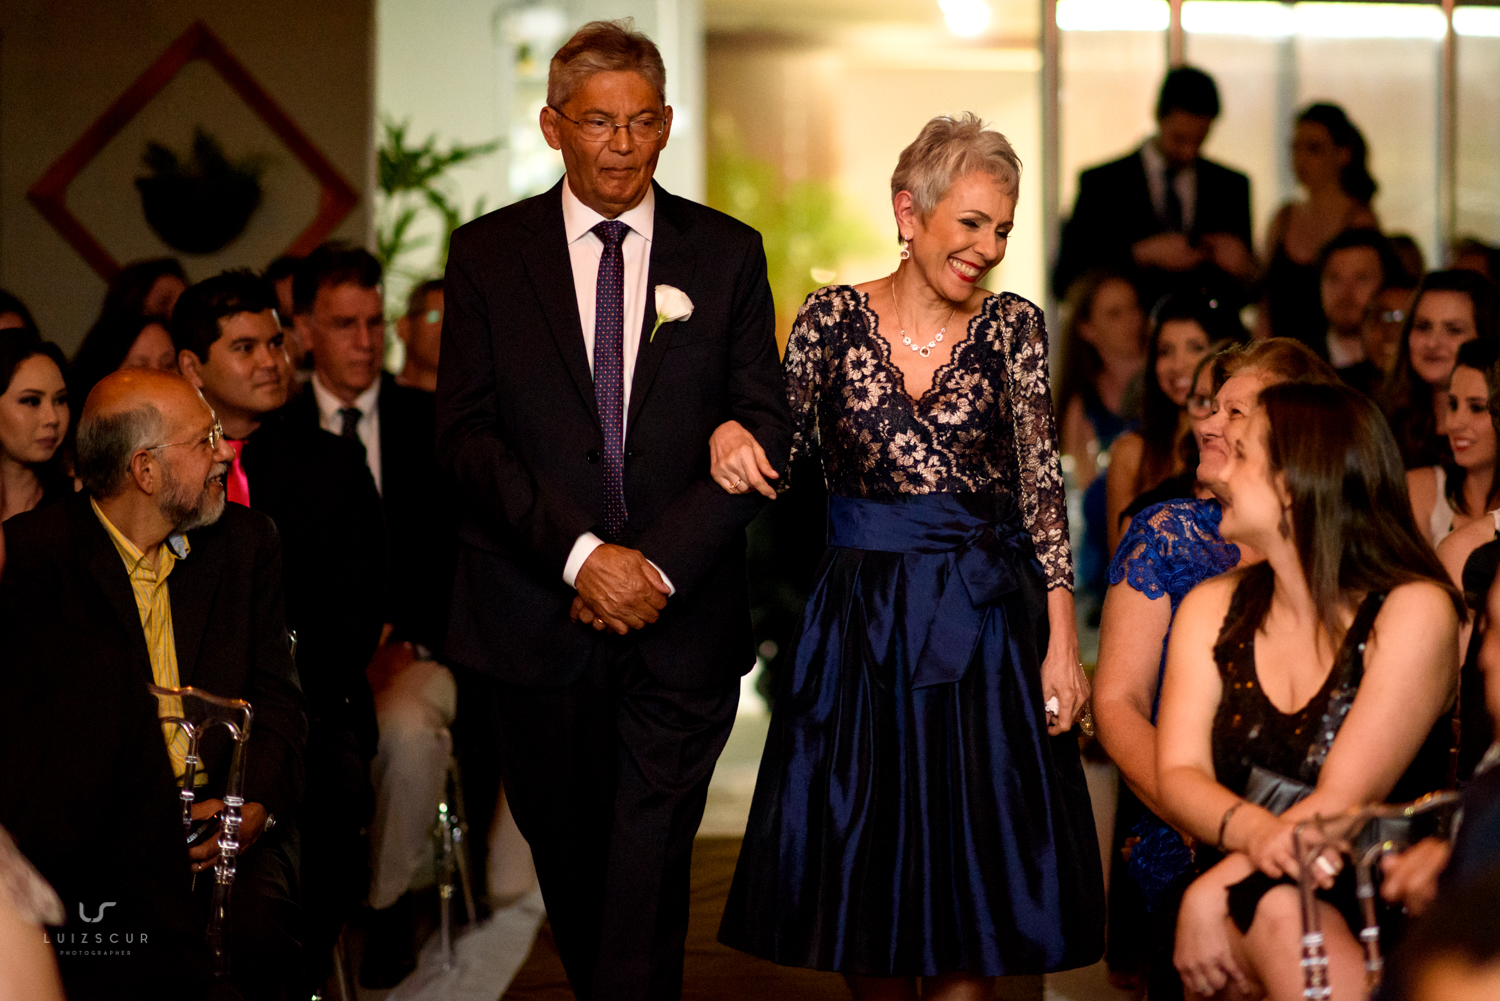 fotografo-casamento-curitiba-luiz-scur-4049.jpg